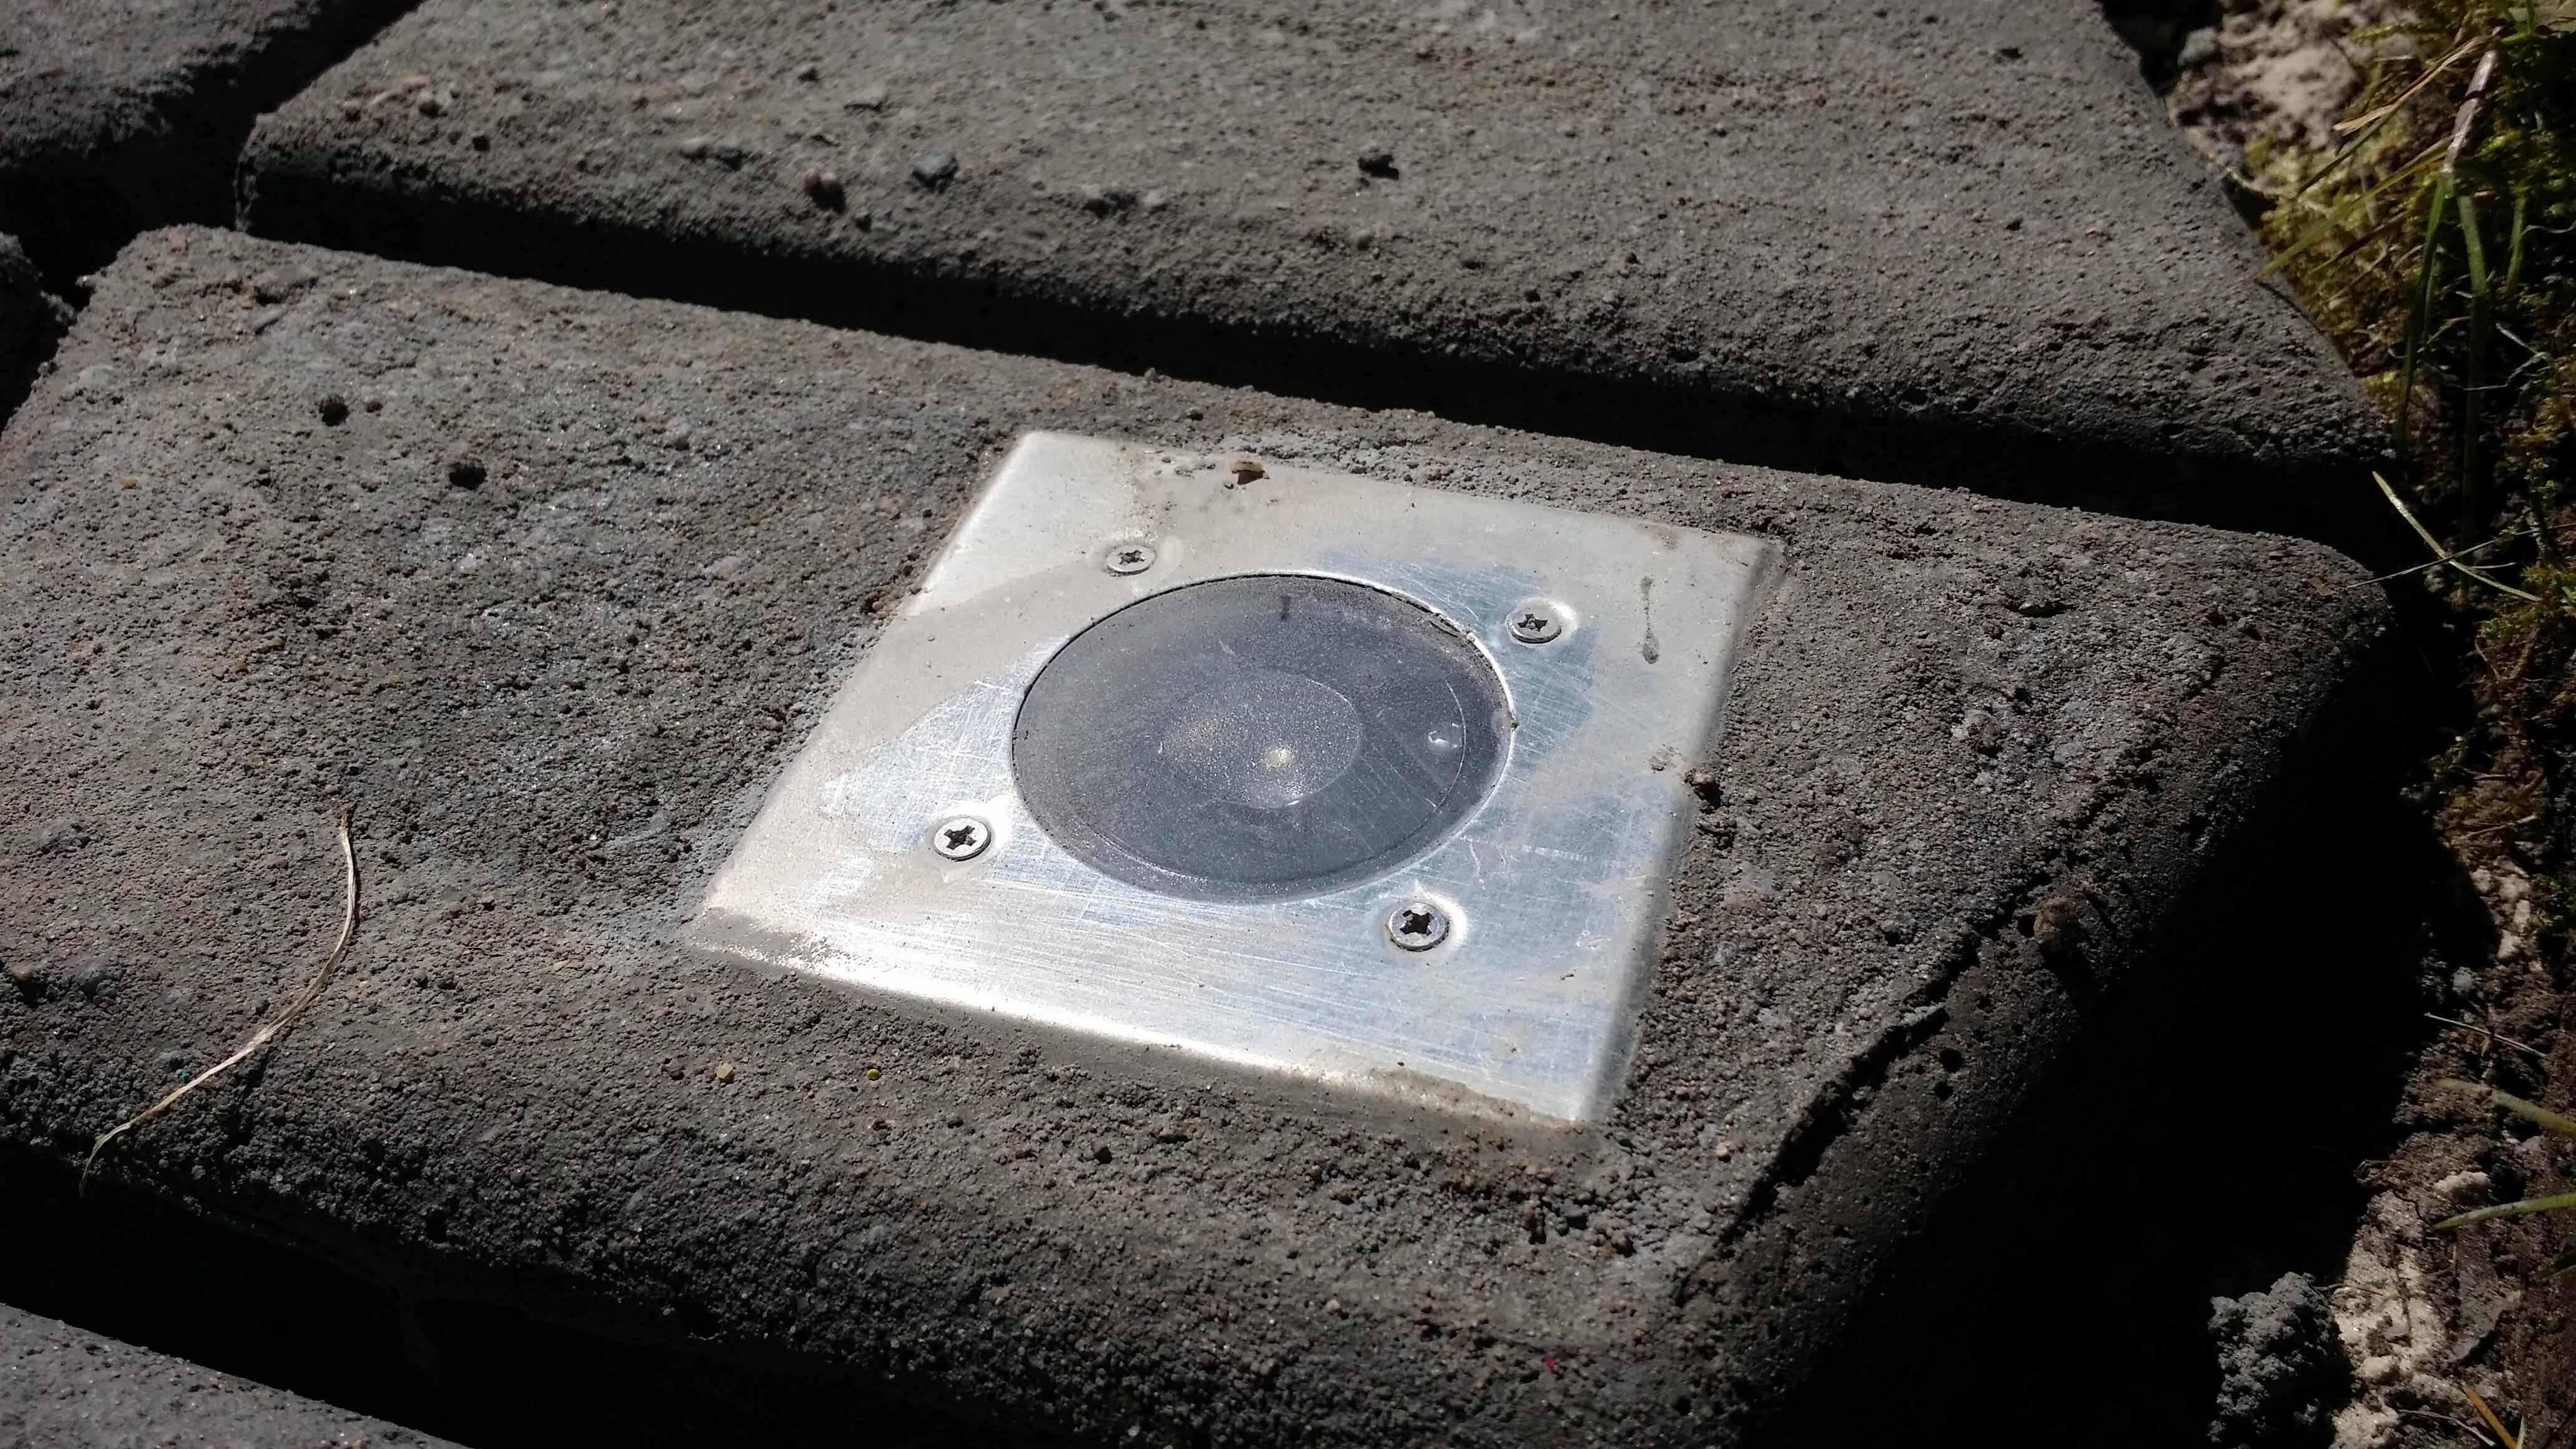 Solarleuchte im Beton